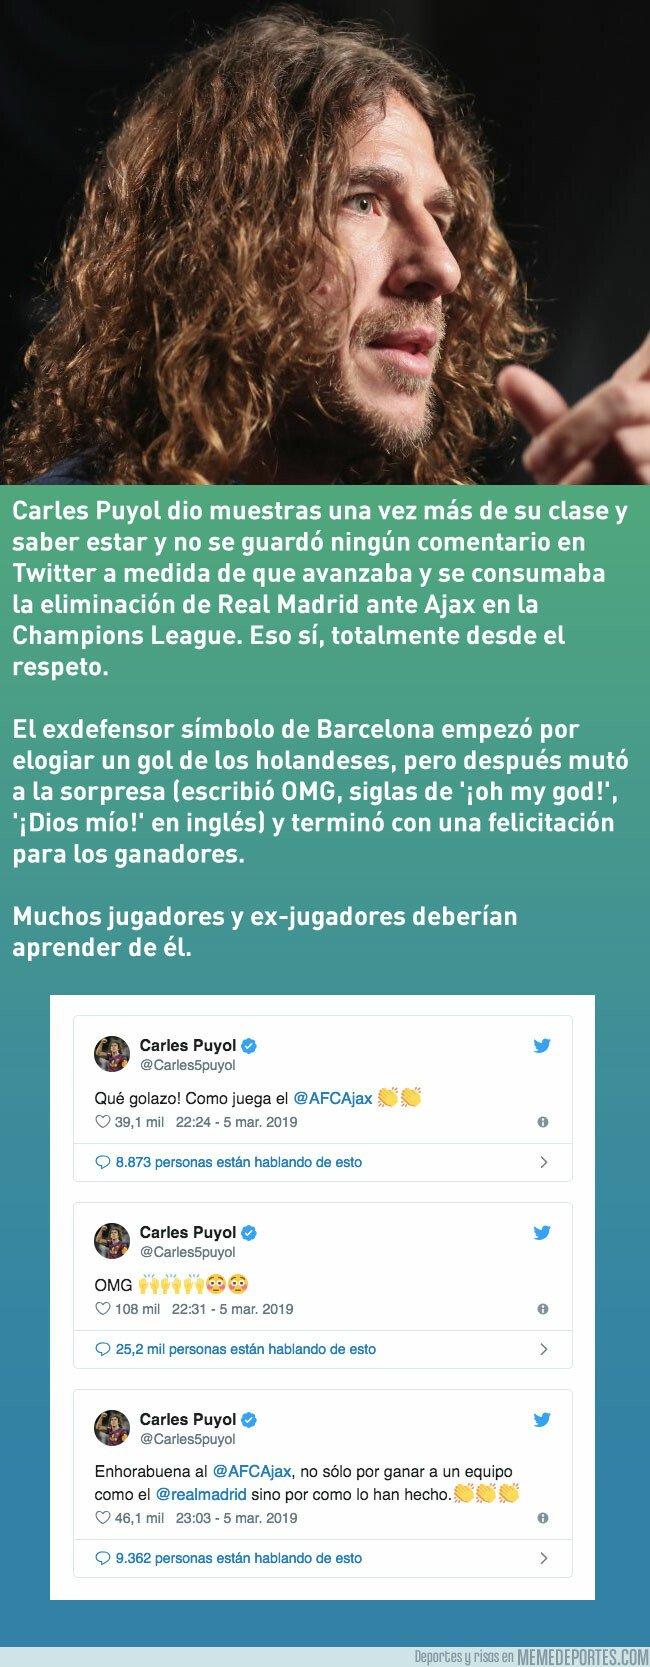 1067044 - Puyol se despachó en Twitter durante Real Madrid-Ajax, eso sí, con total respeto